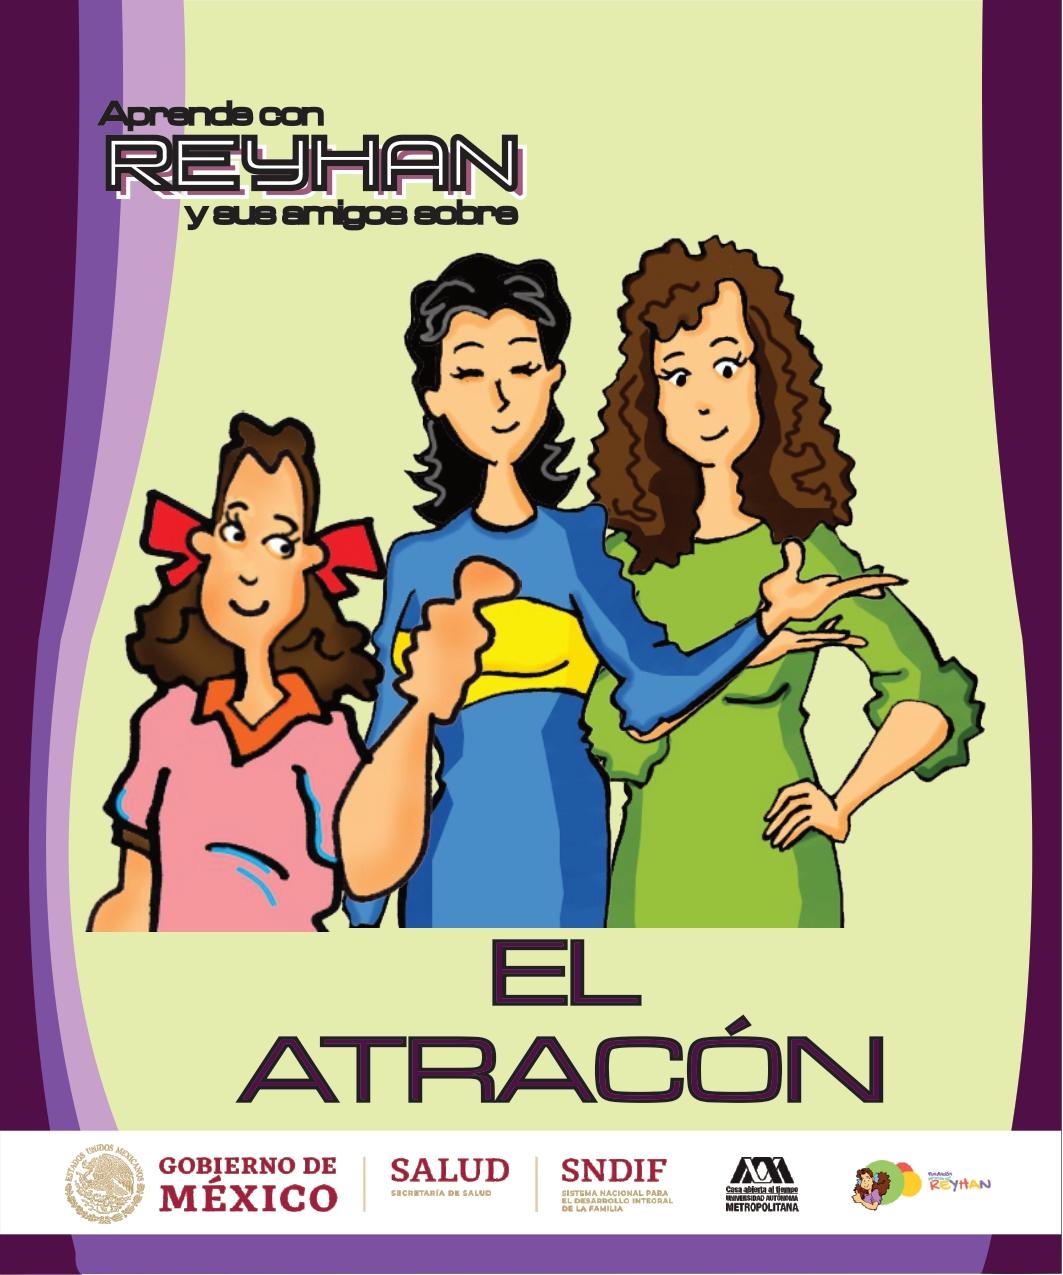 Atracon Reyhan digital_page-0001